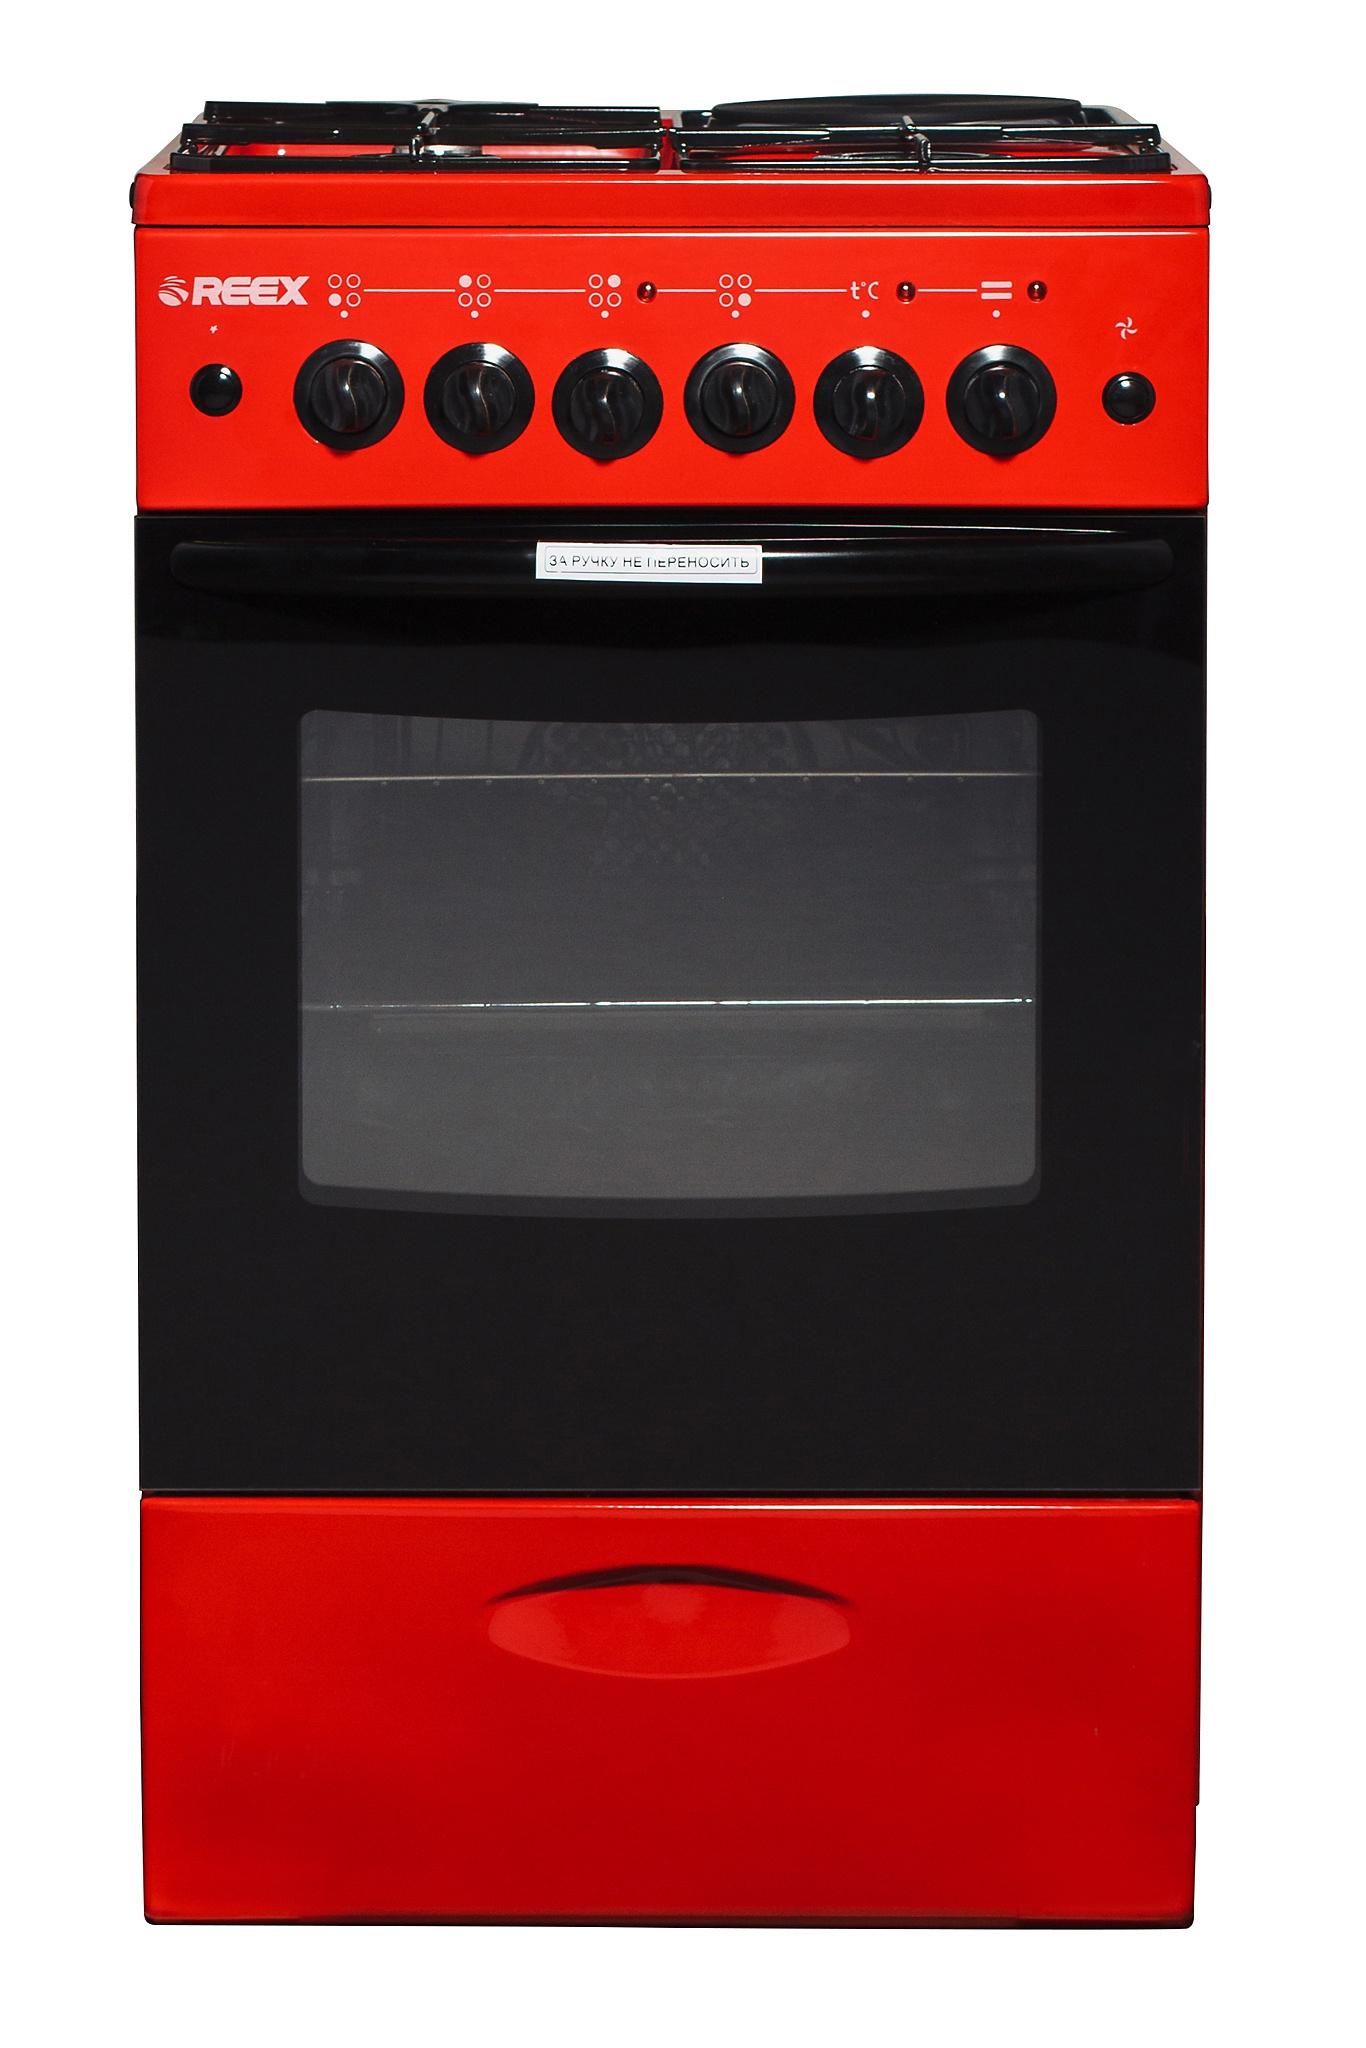 Плита газо-электрическая Reex CGE-531 ecRd, TM000068079, красный